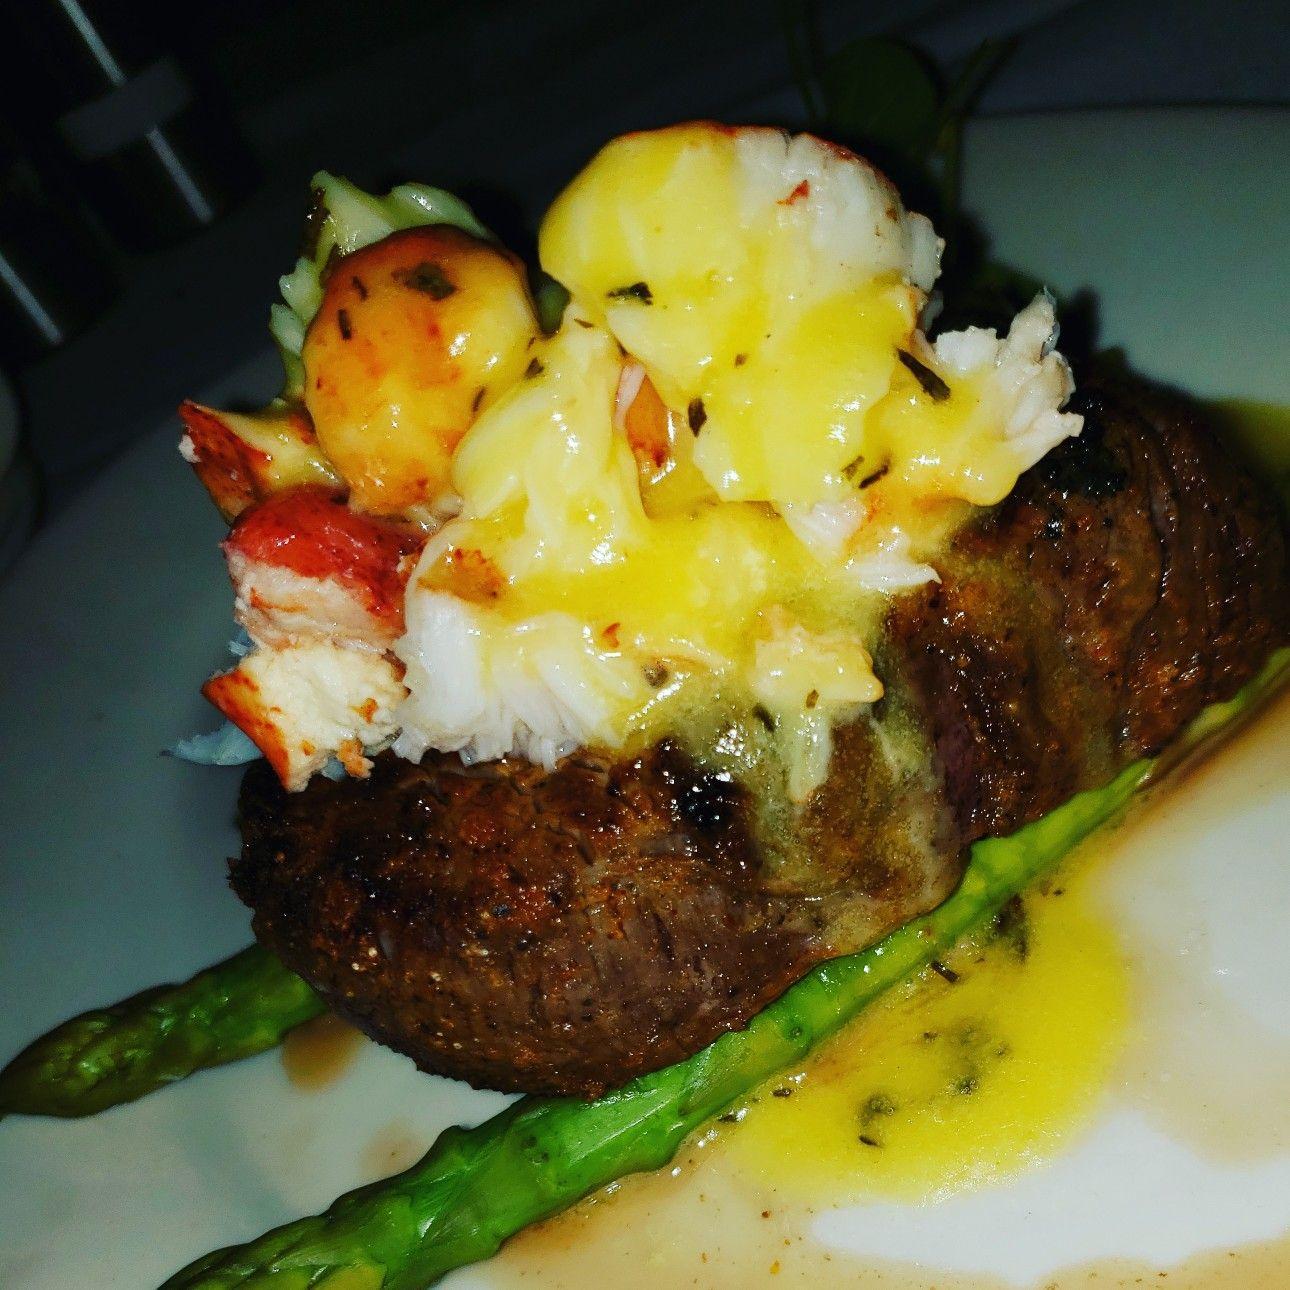 buffalo steak and lobster oscar ...